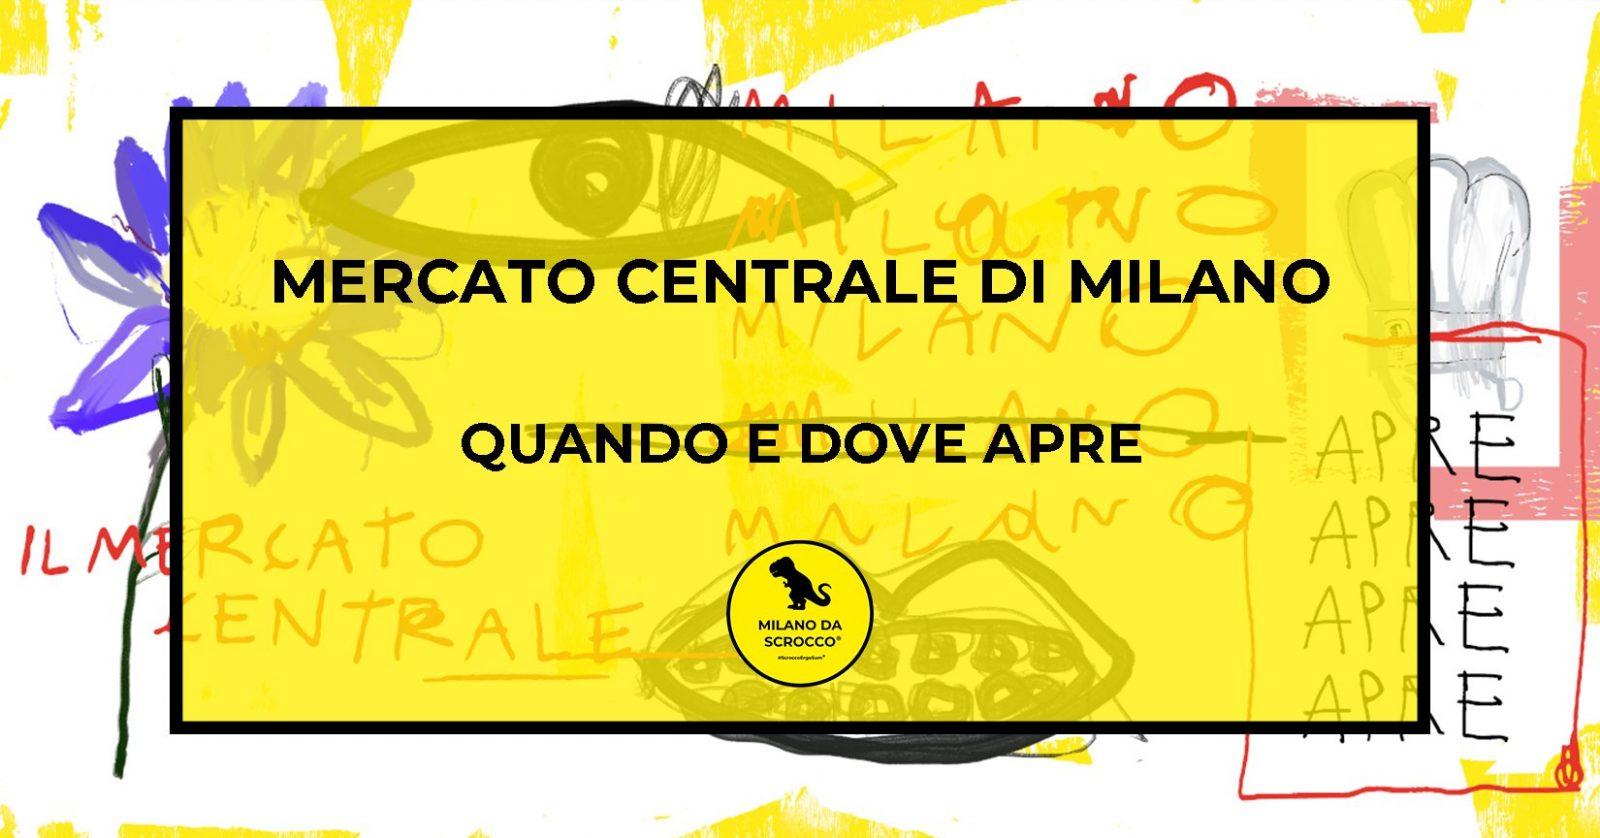 You are currently viewing Mercato Centrale di Milano: quando e dove apre